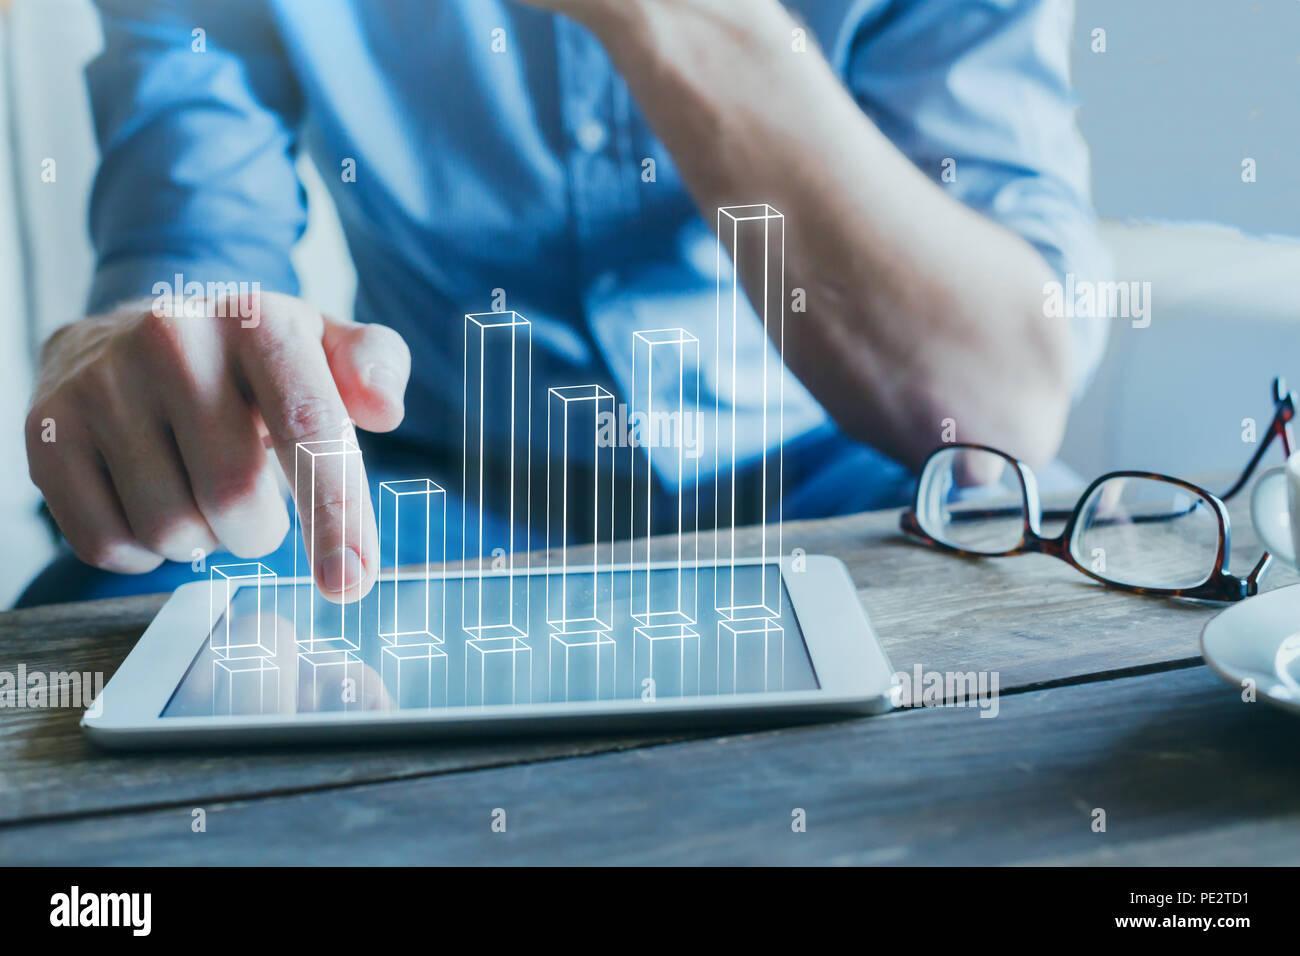 Empresario utilizando la tecnología digital para empresas start-up, gráfico de columnas 3D Imagen De Stock